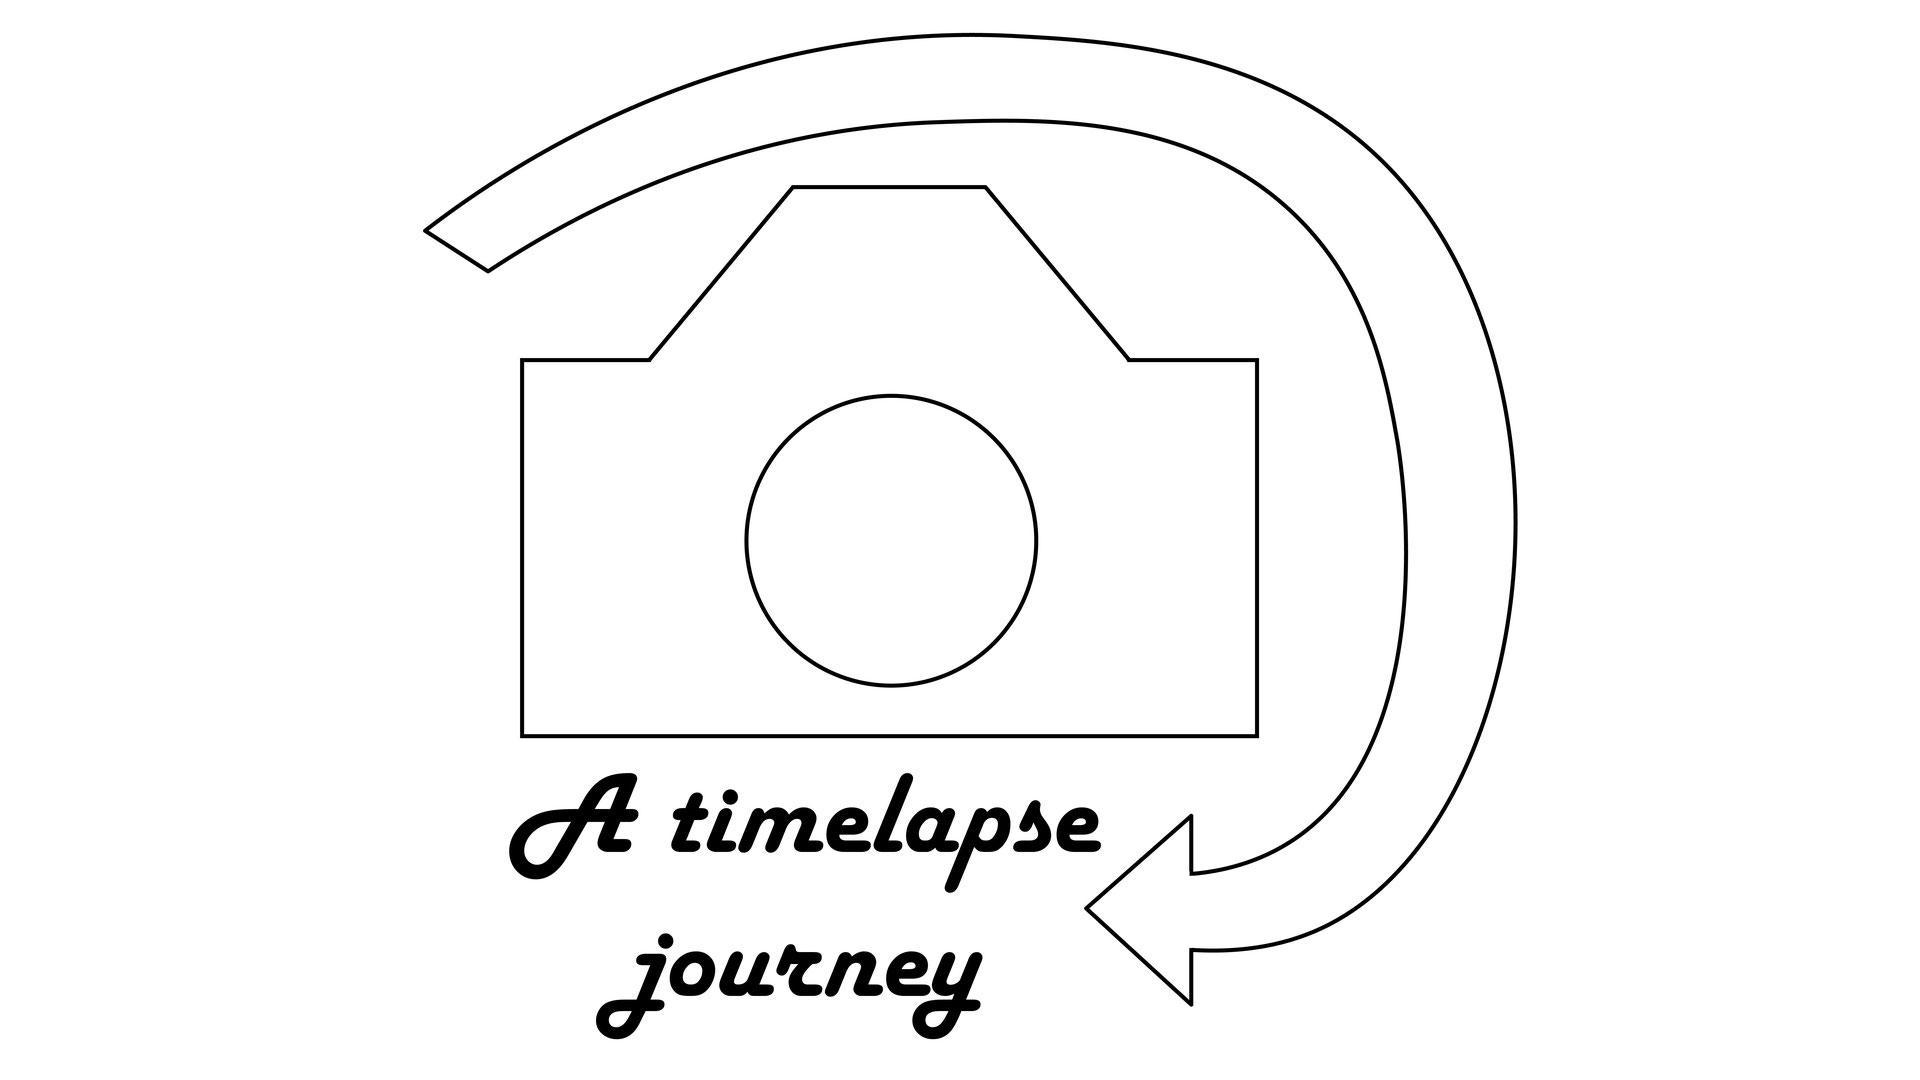 A timelapse journey - BauhoferProductions